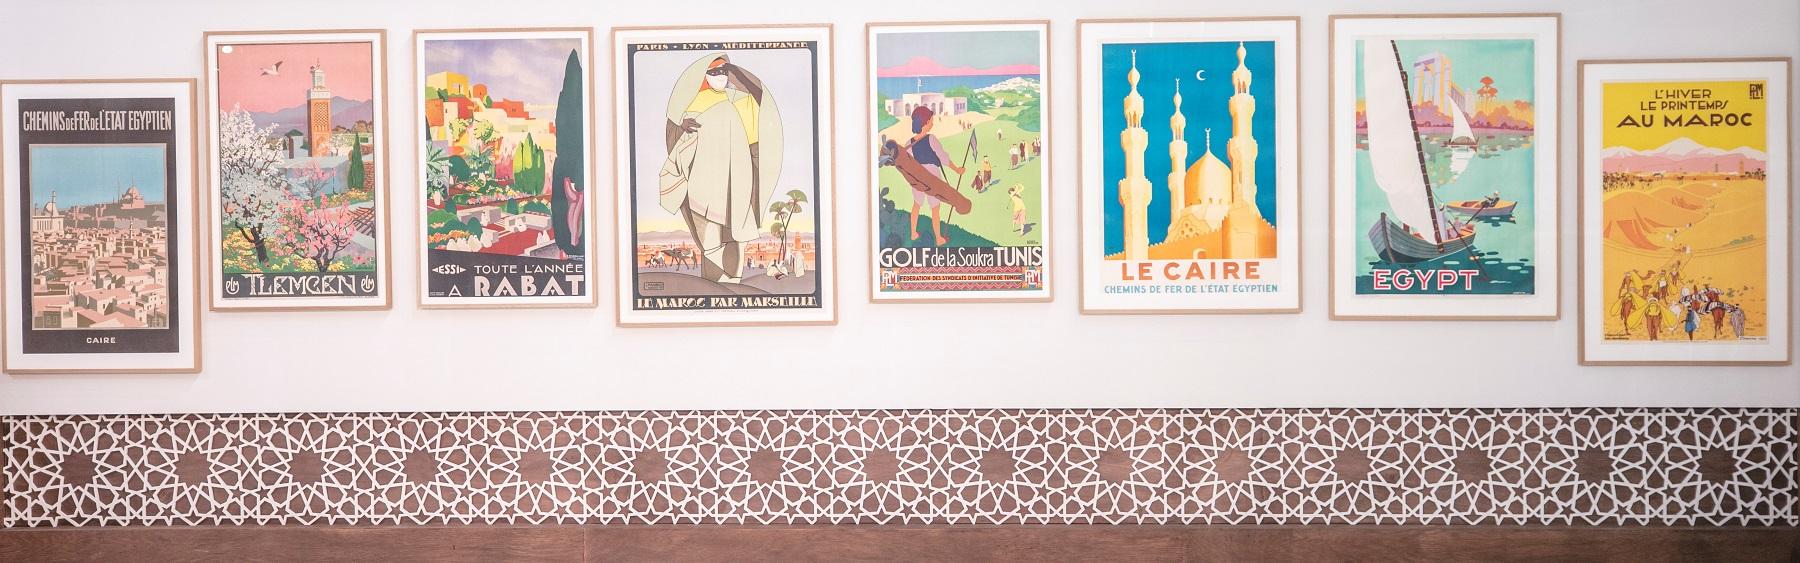 مجموعة من الملصقات السياحية (1)